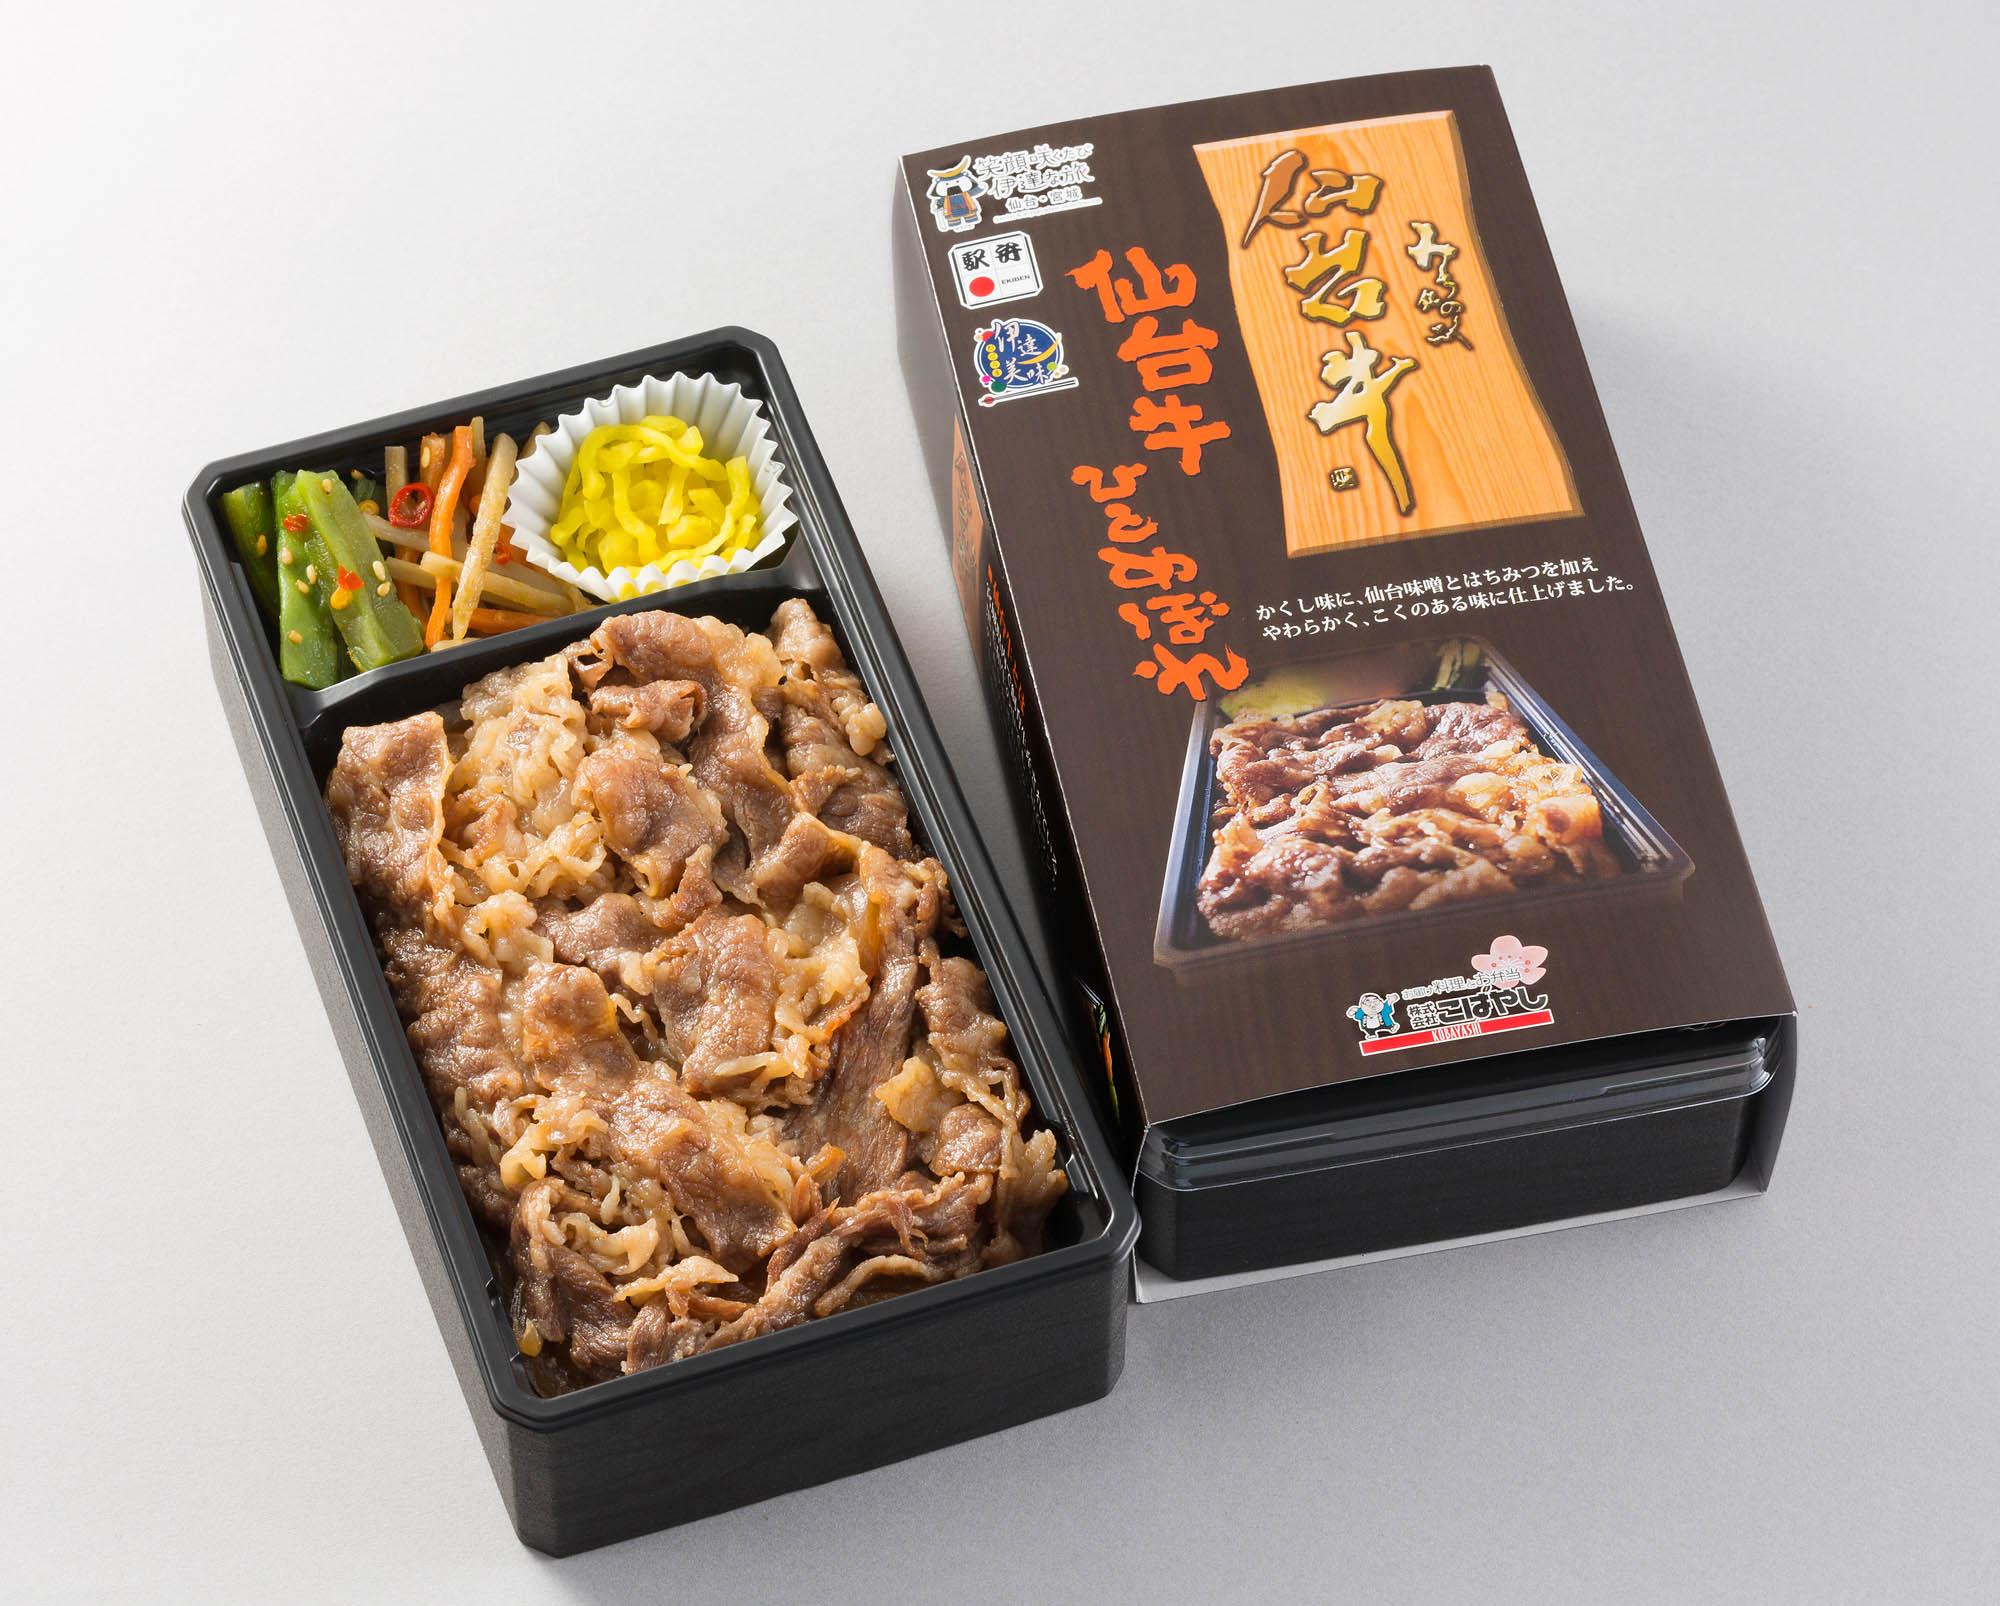 仙台牛ひとめぼれ 1,180円(税込)